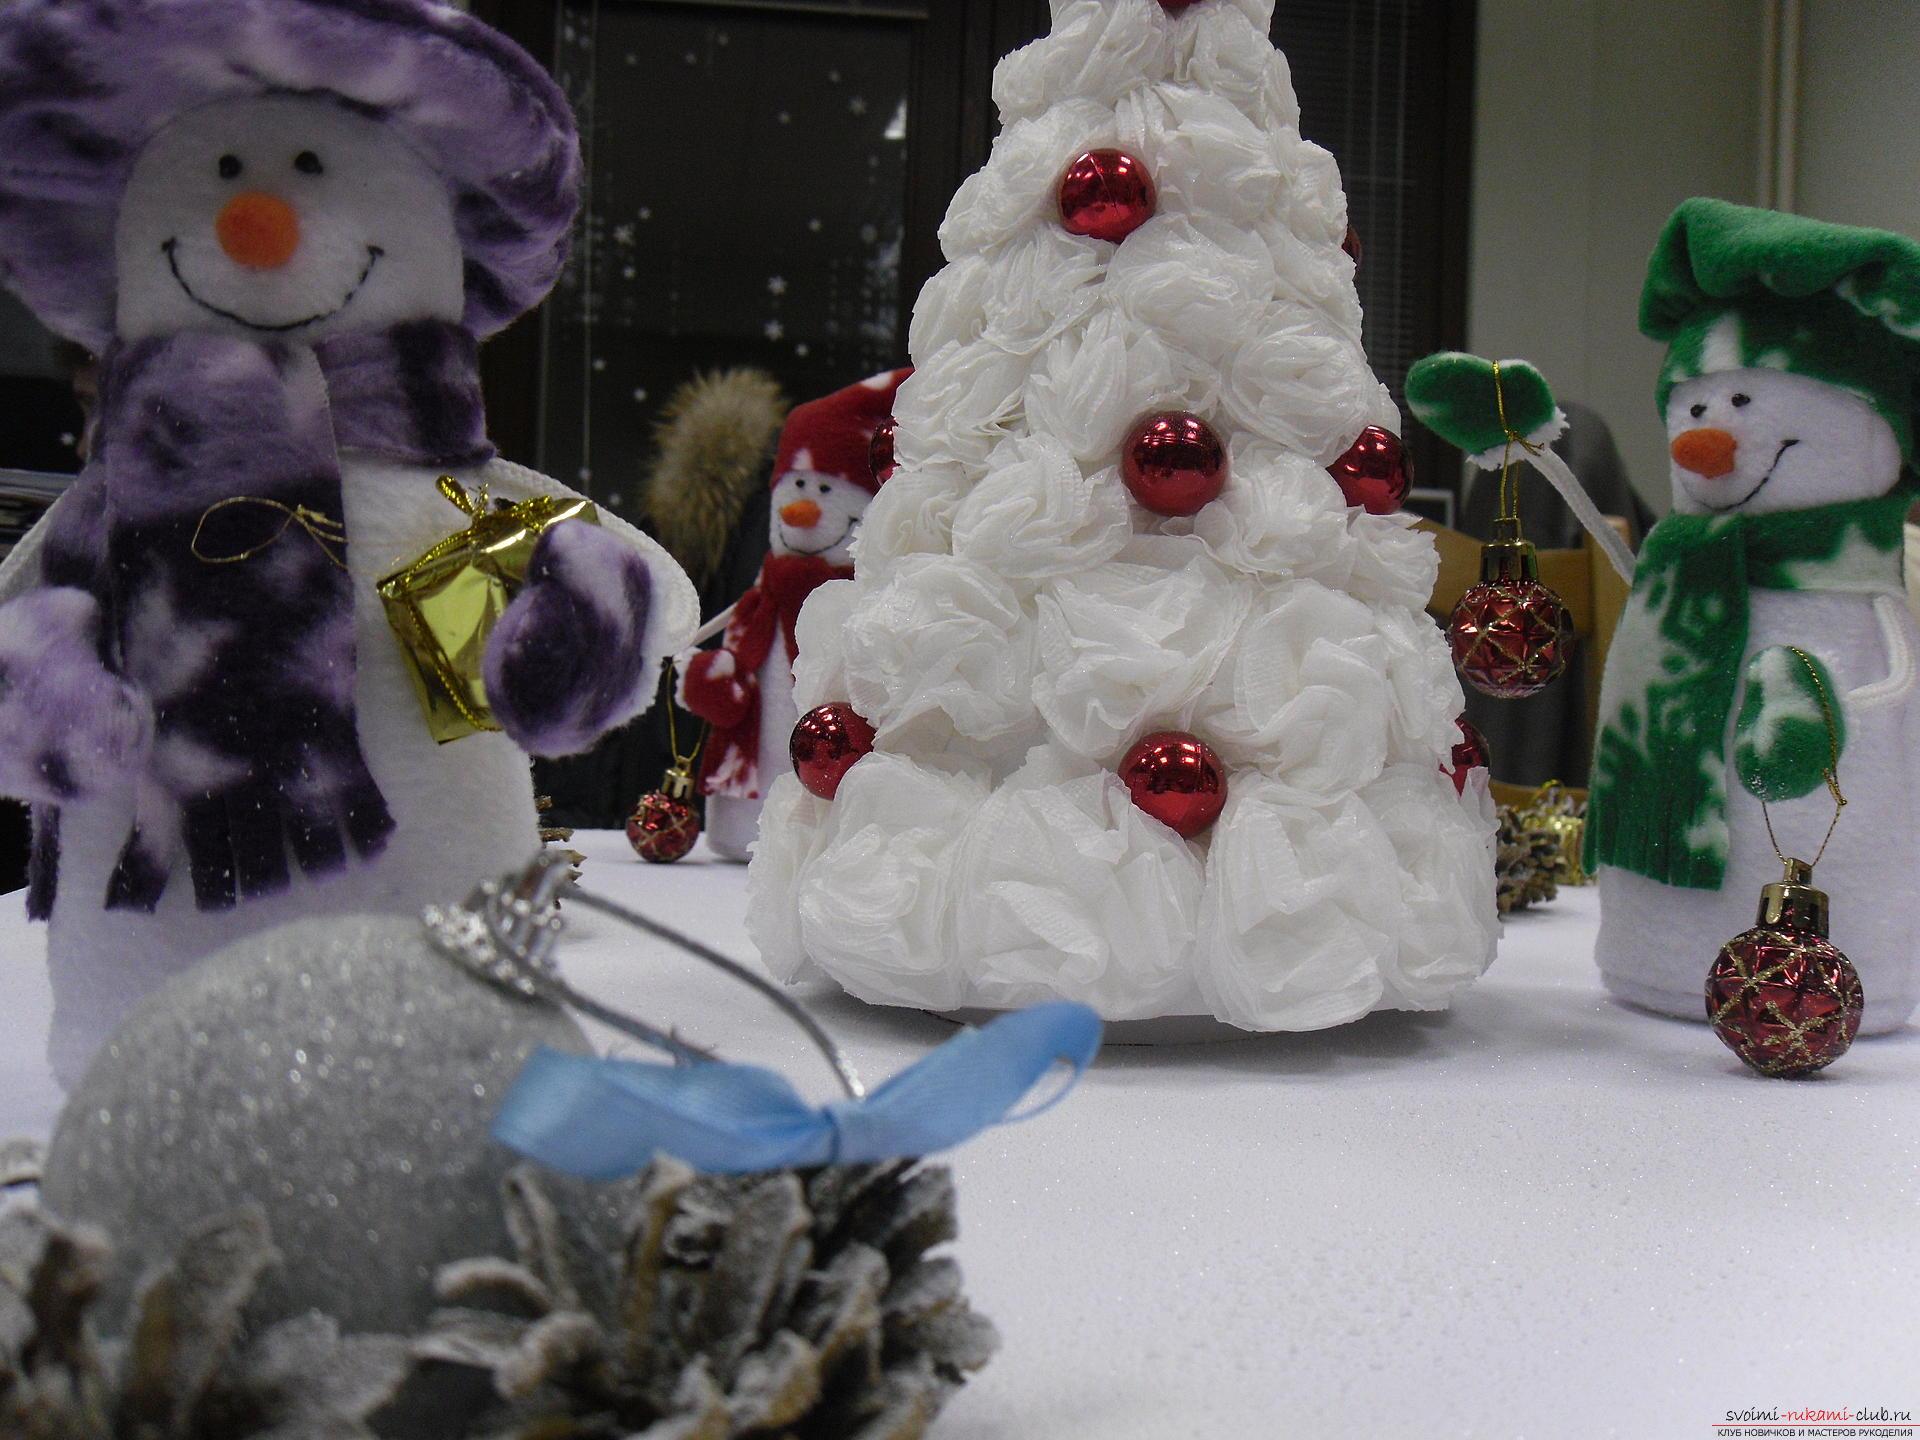 Снеговики из фетра помогут создать новогоднюю обстановку в каждом доме. Поделка на Новый год может быть не купленной в магазине, украшение к новогоднему столу можно сделать своими руками.. Фото №8